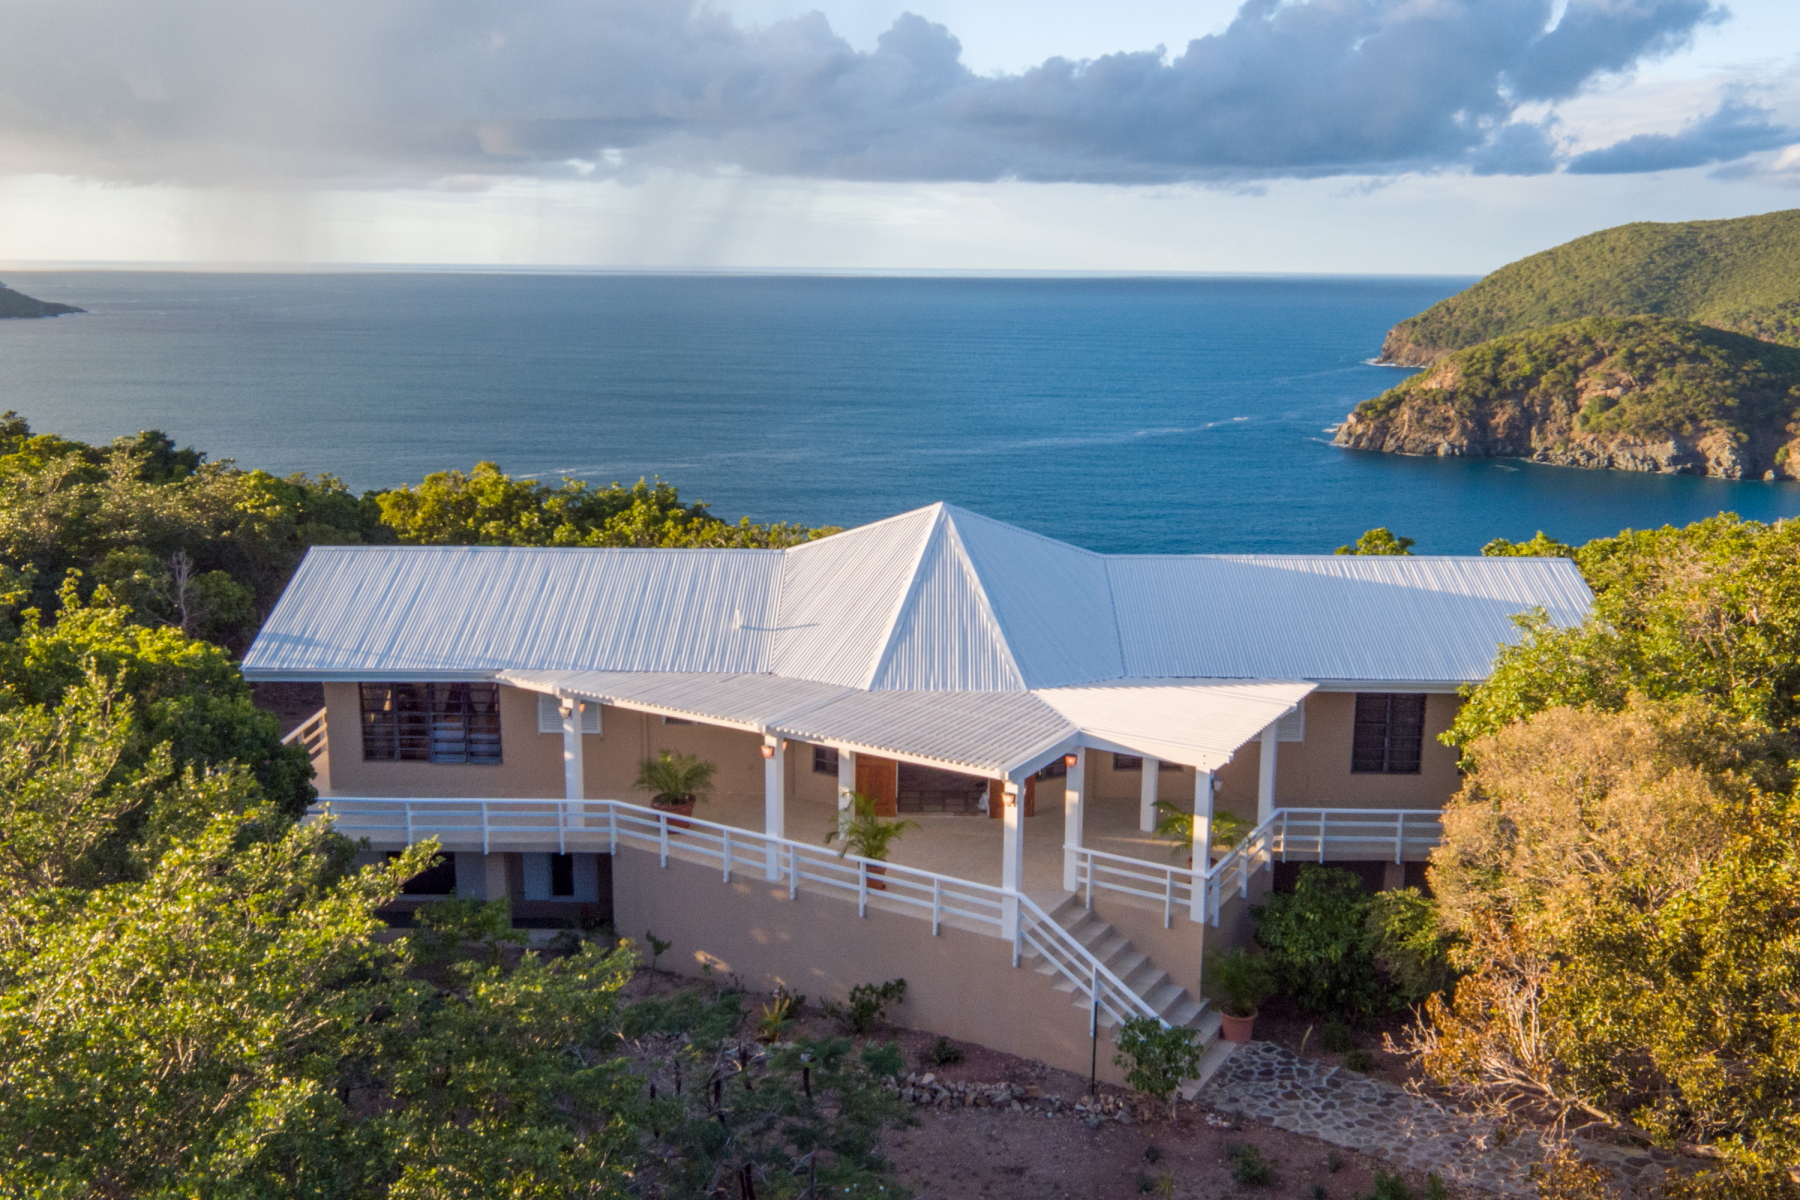 단독 가정 주택 용 매매 에 Island Escape Indigo Plantation, 그레이트 카마노에 영국령 버진 아일랜드